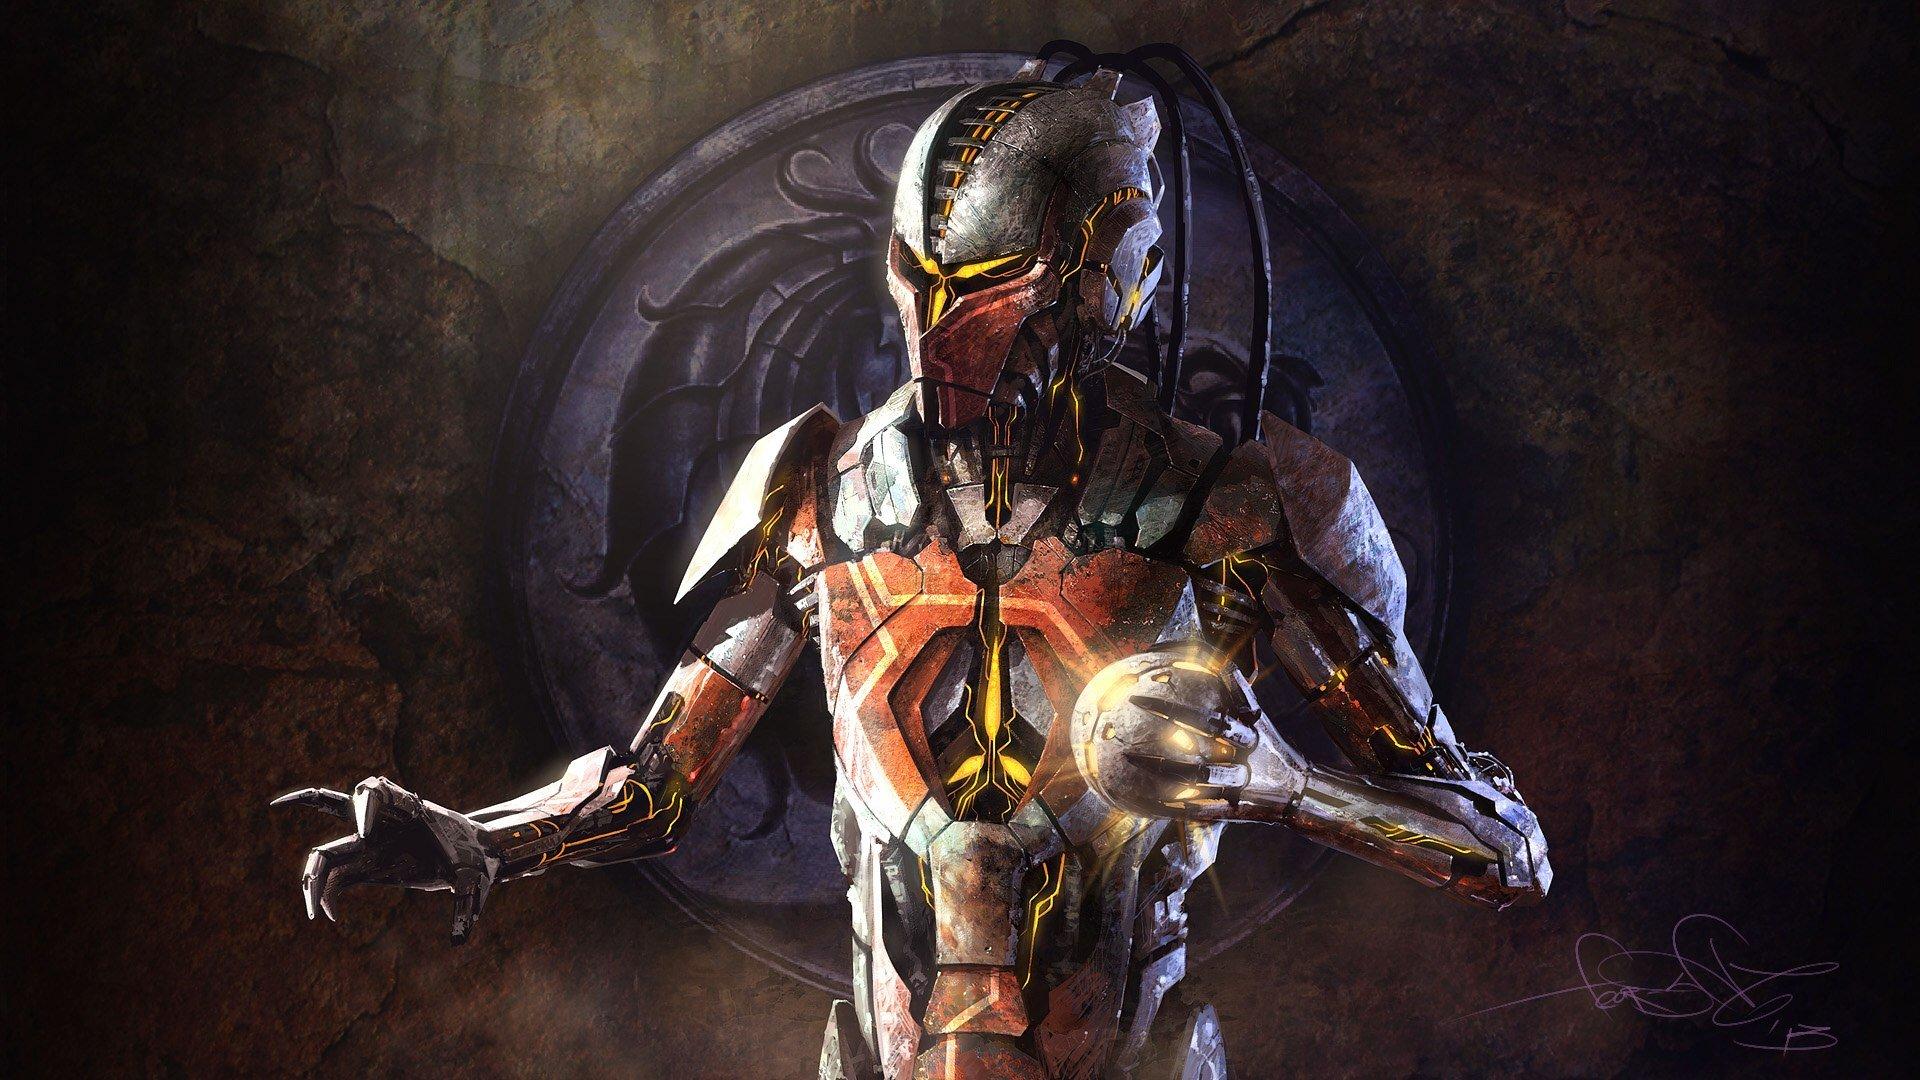 Art-Подборка Mortal Кombat - Изображение 6